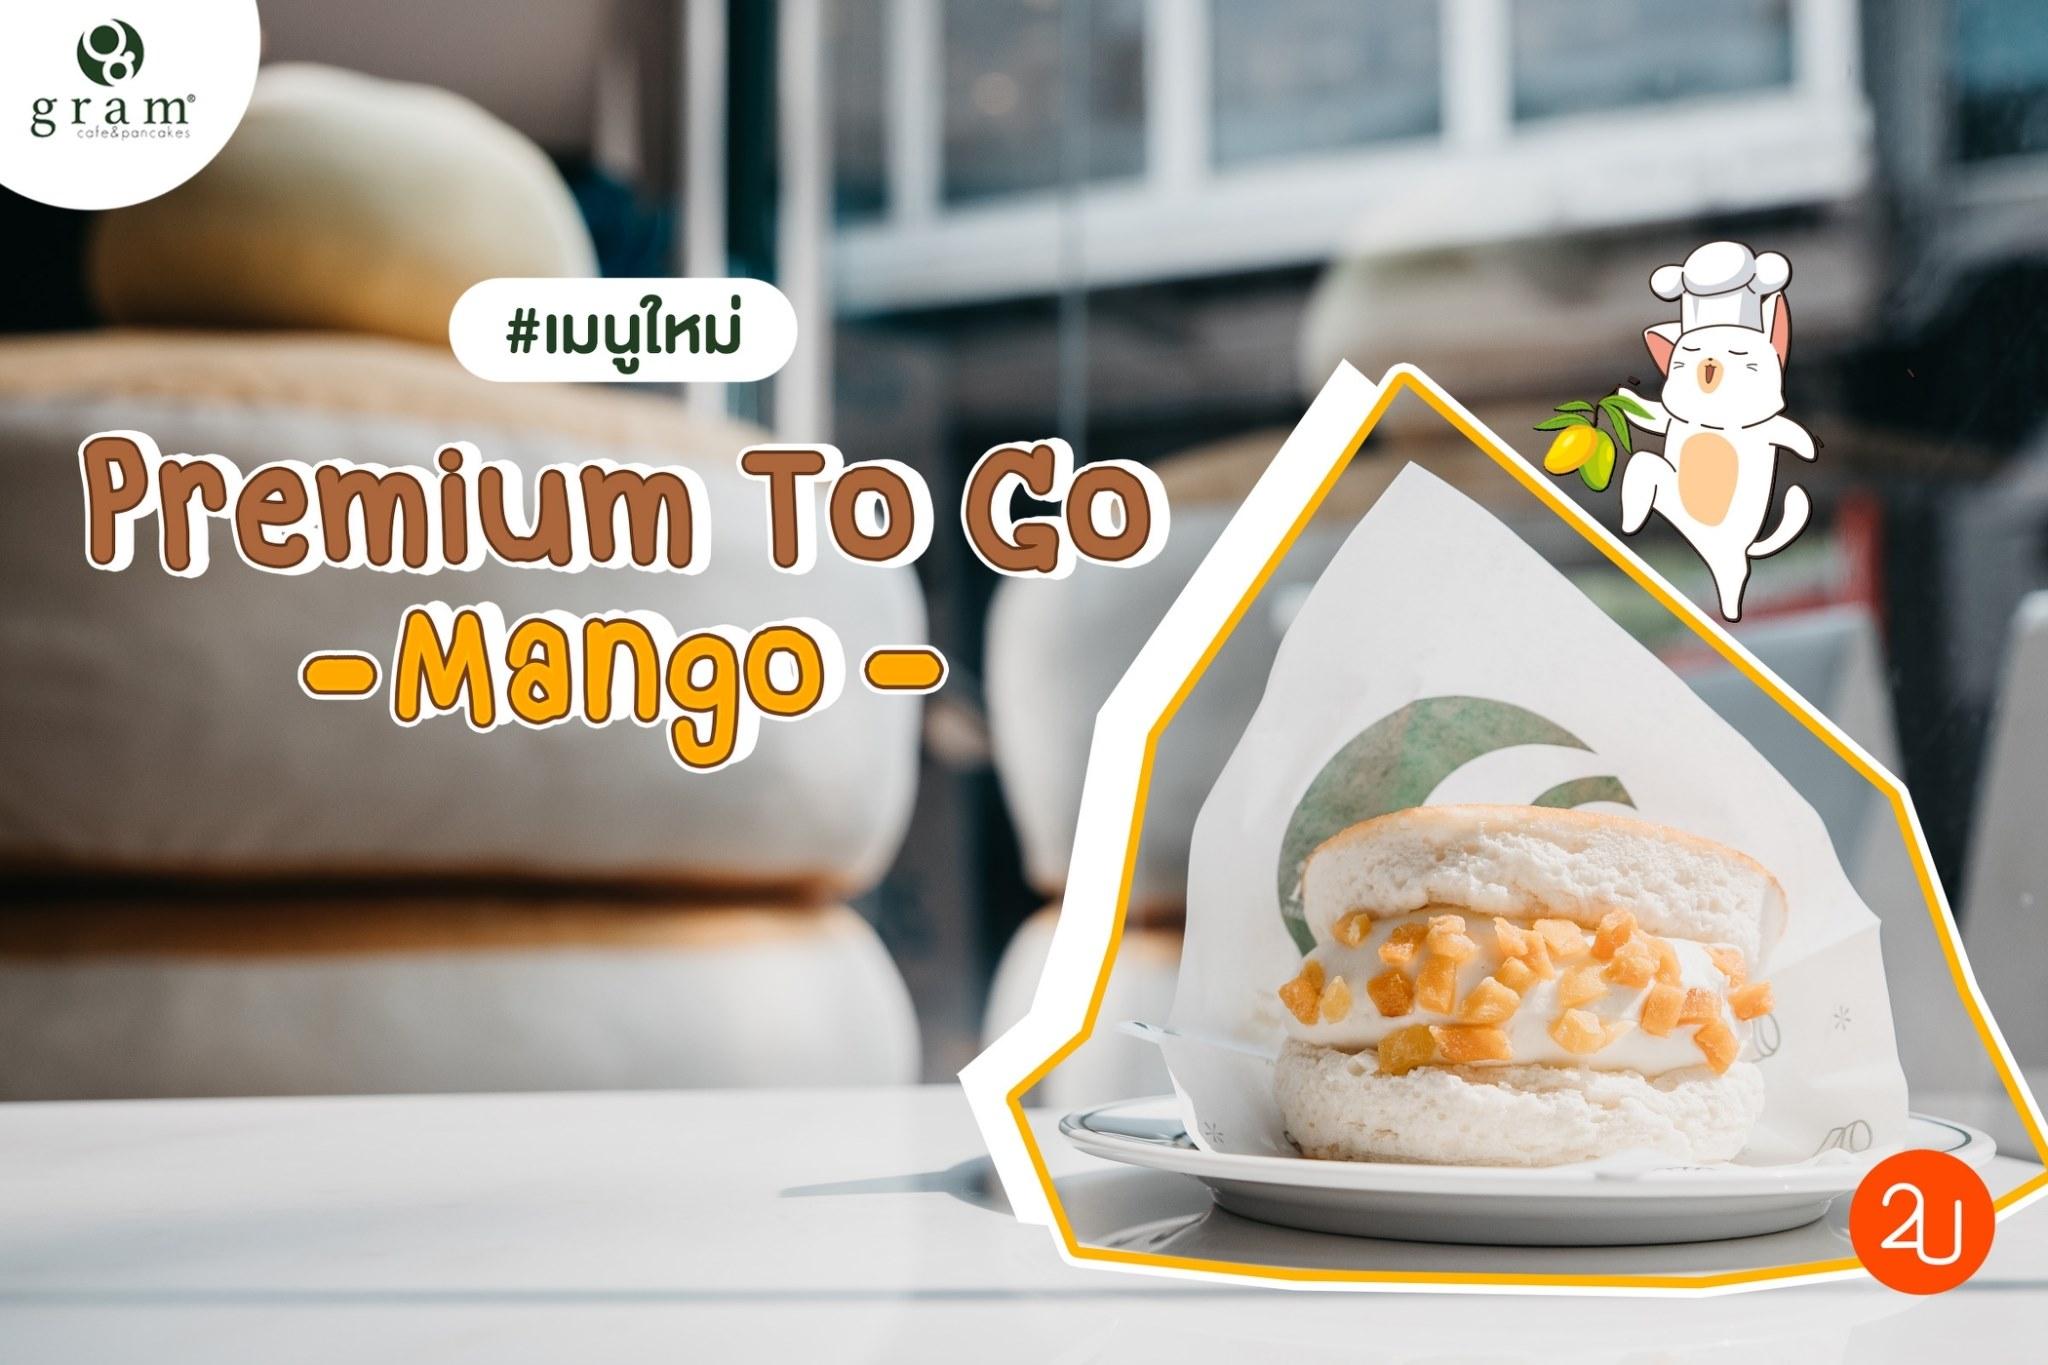 Premium To Go Mango